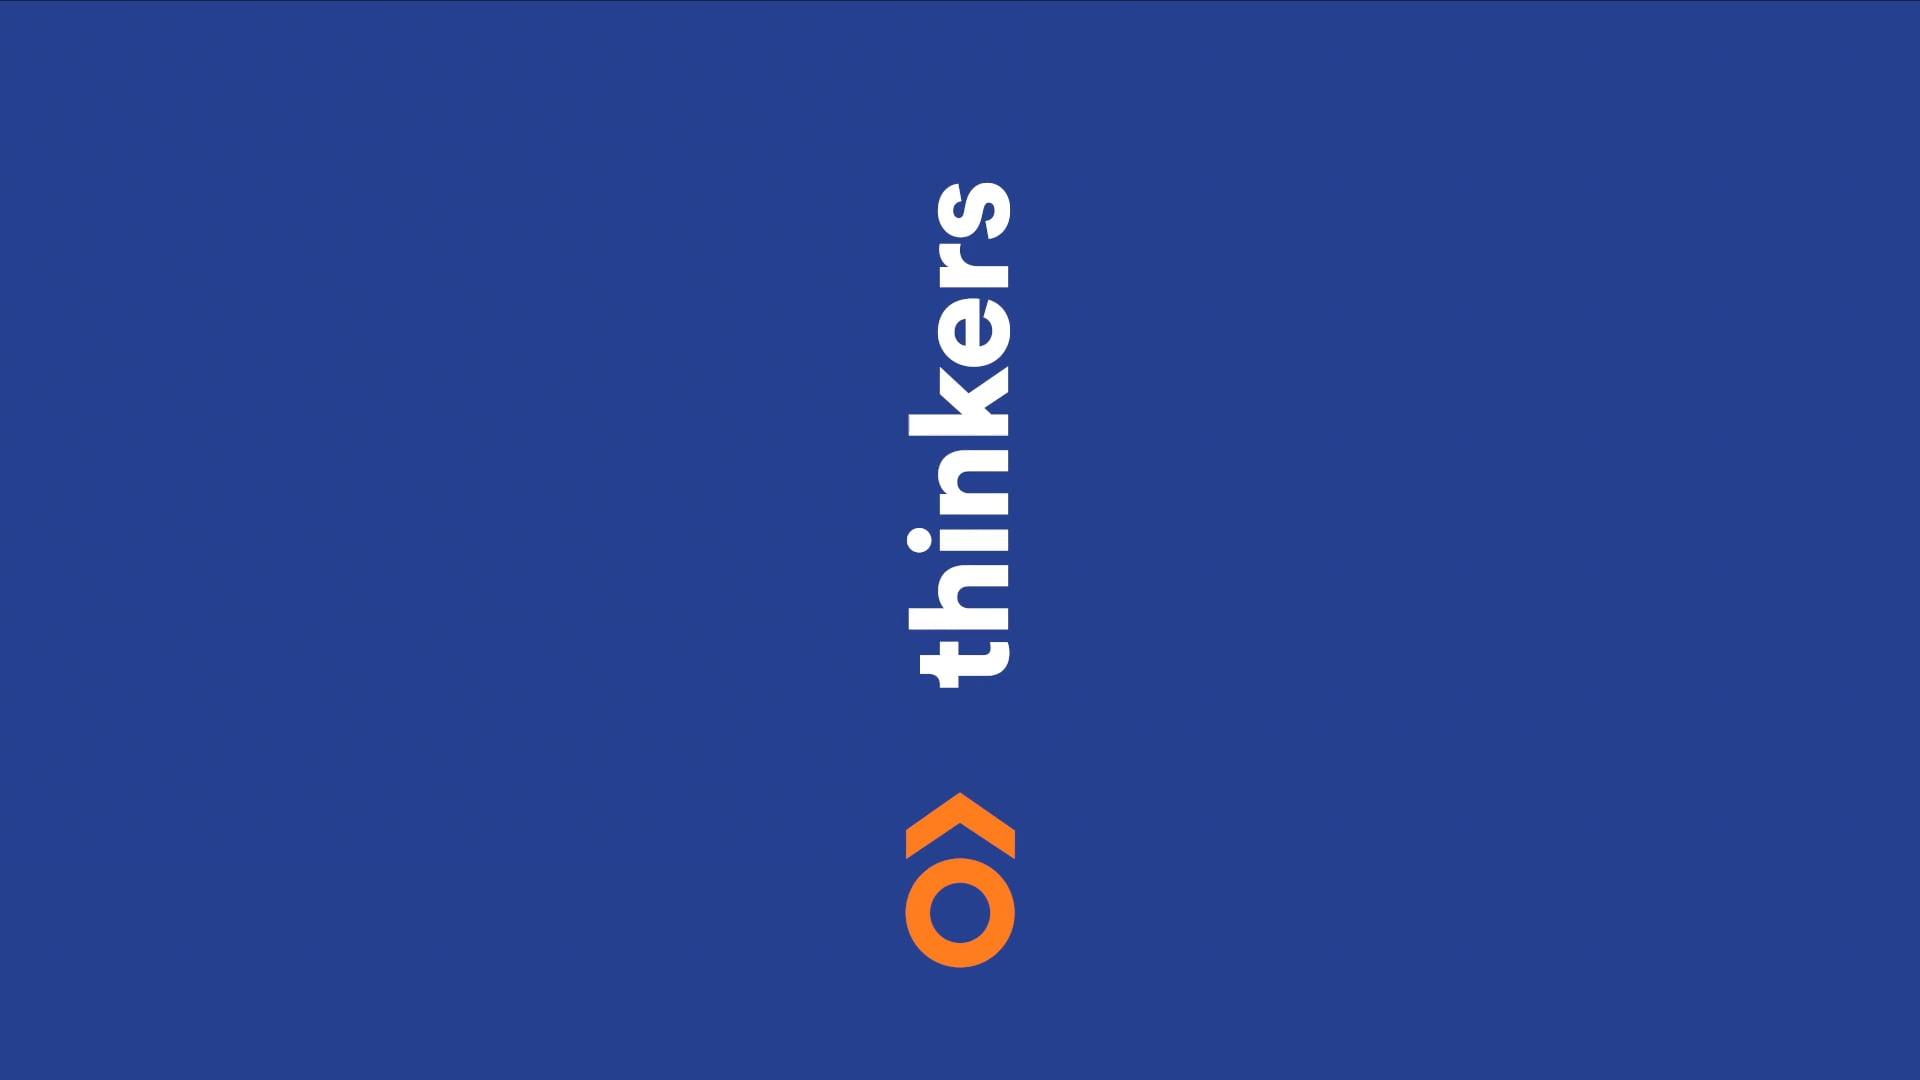 Optimus SBR - Rebranding